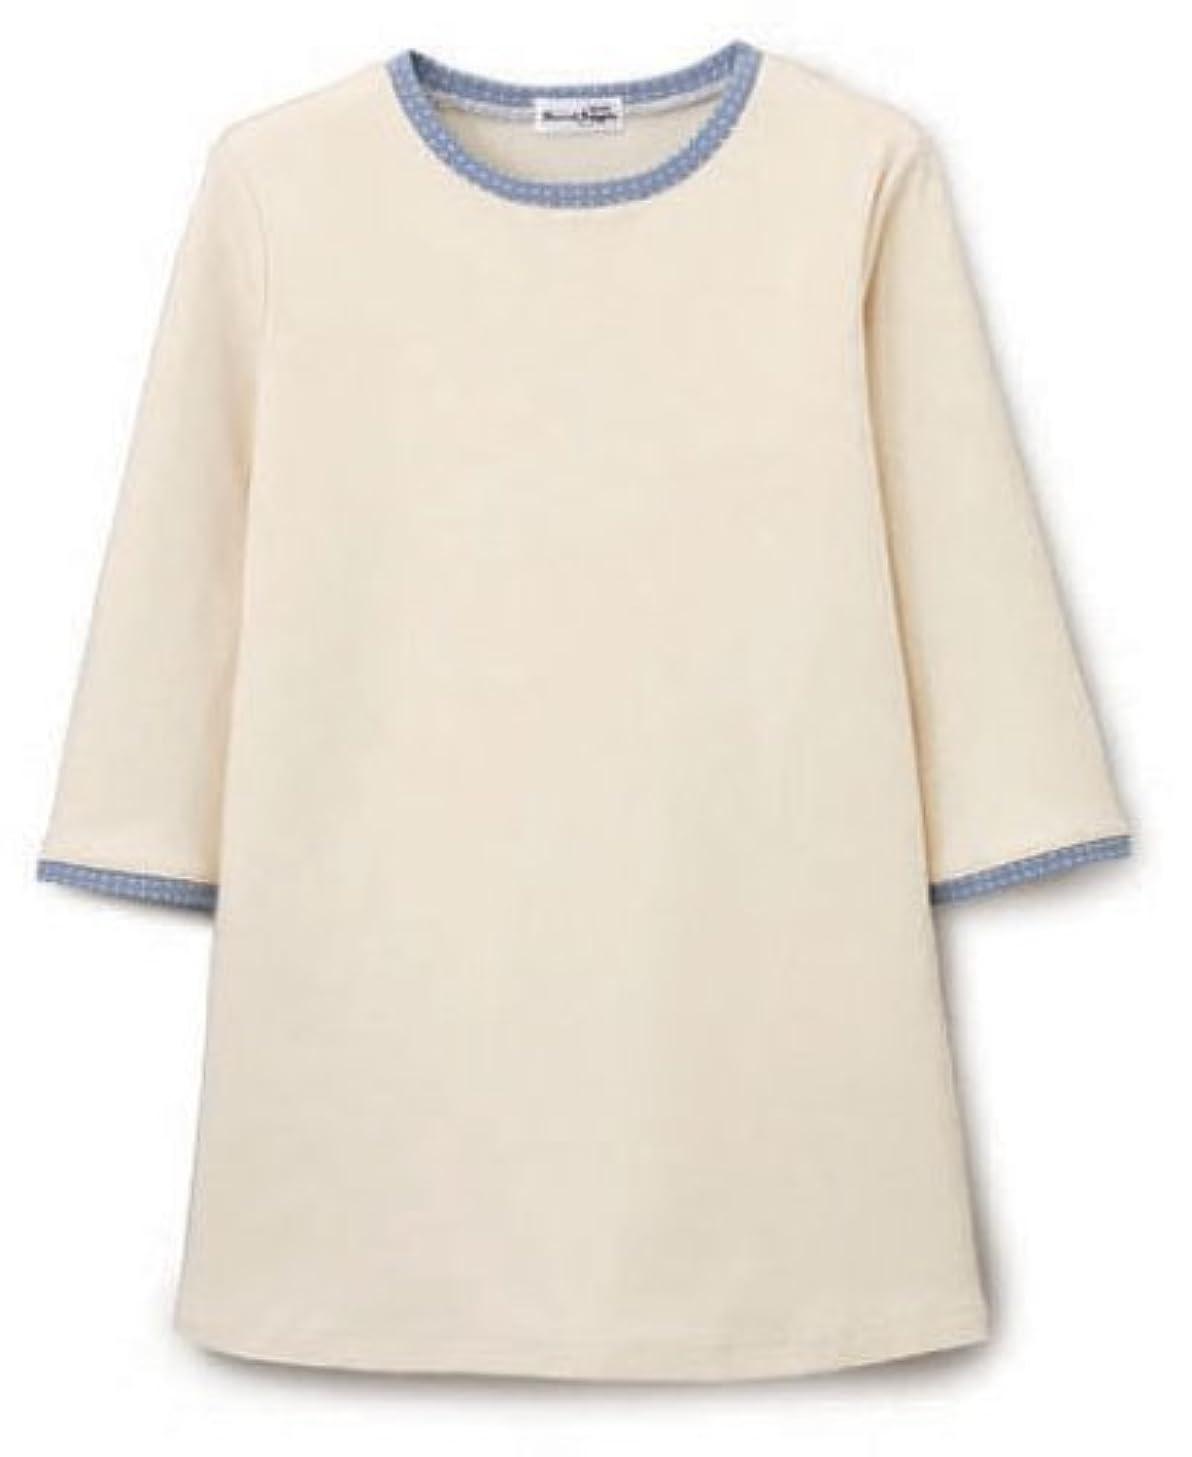 含む持っている粘土汗染み防止七分袖ゆったりプルオーバー(水玉柄) ベージュ L